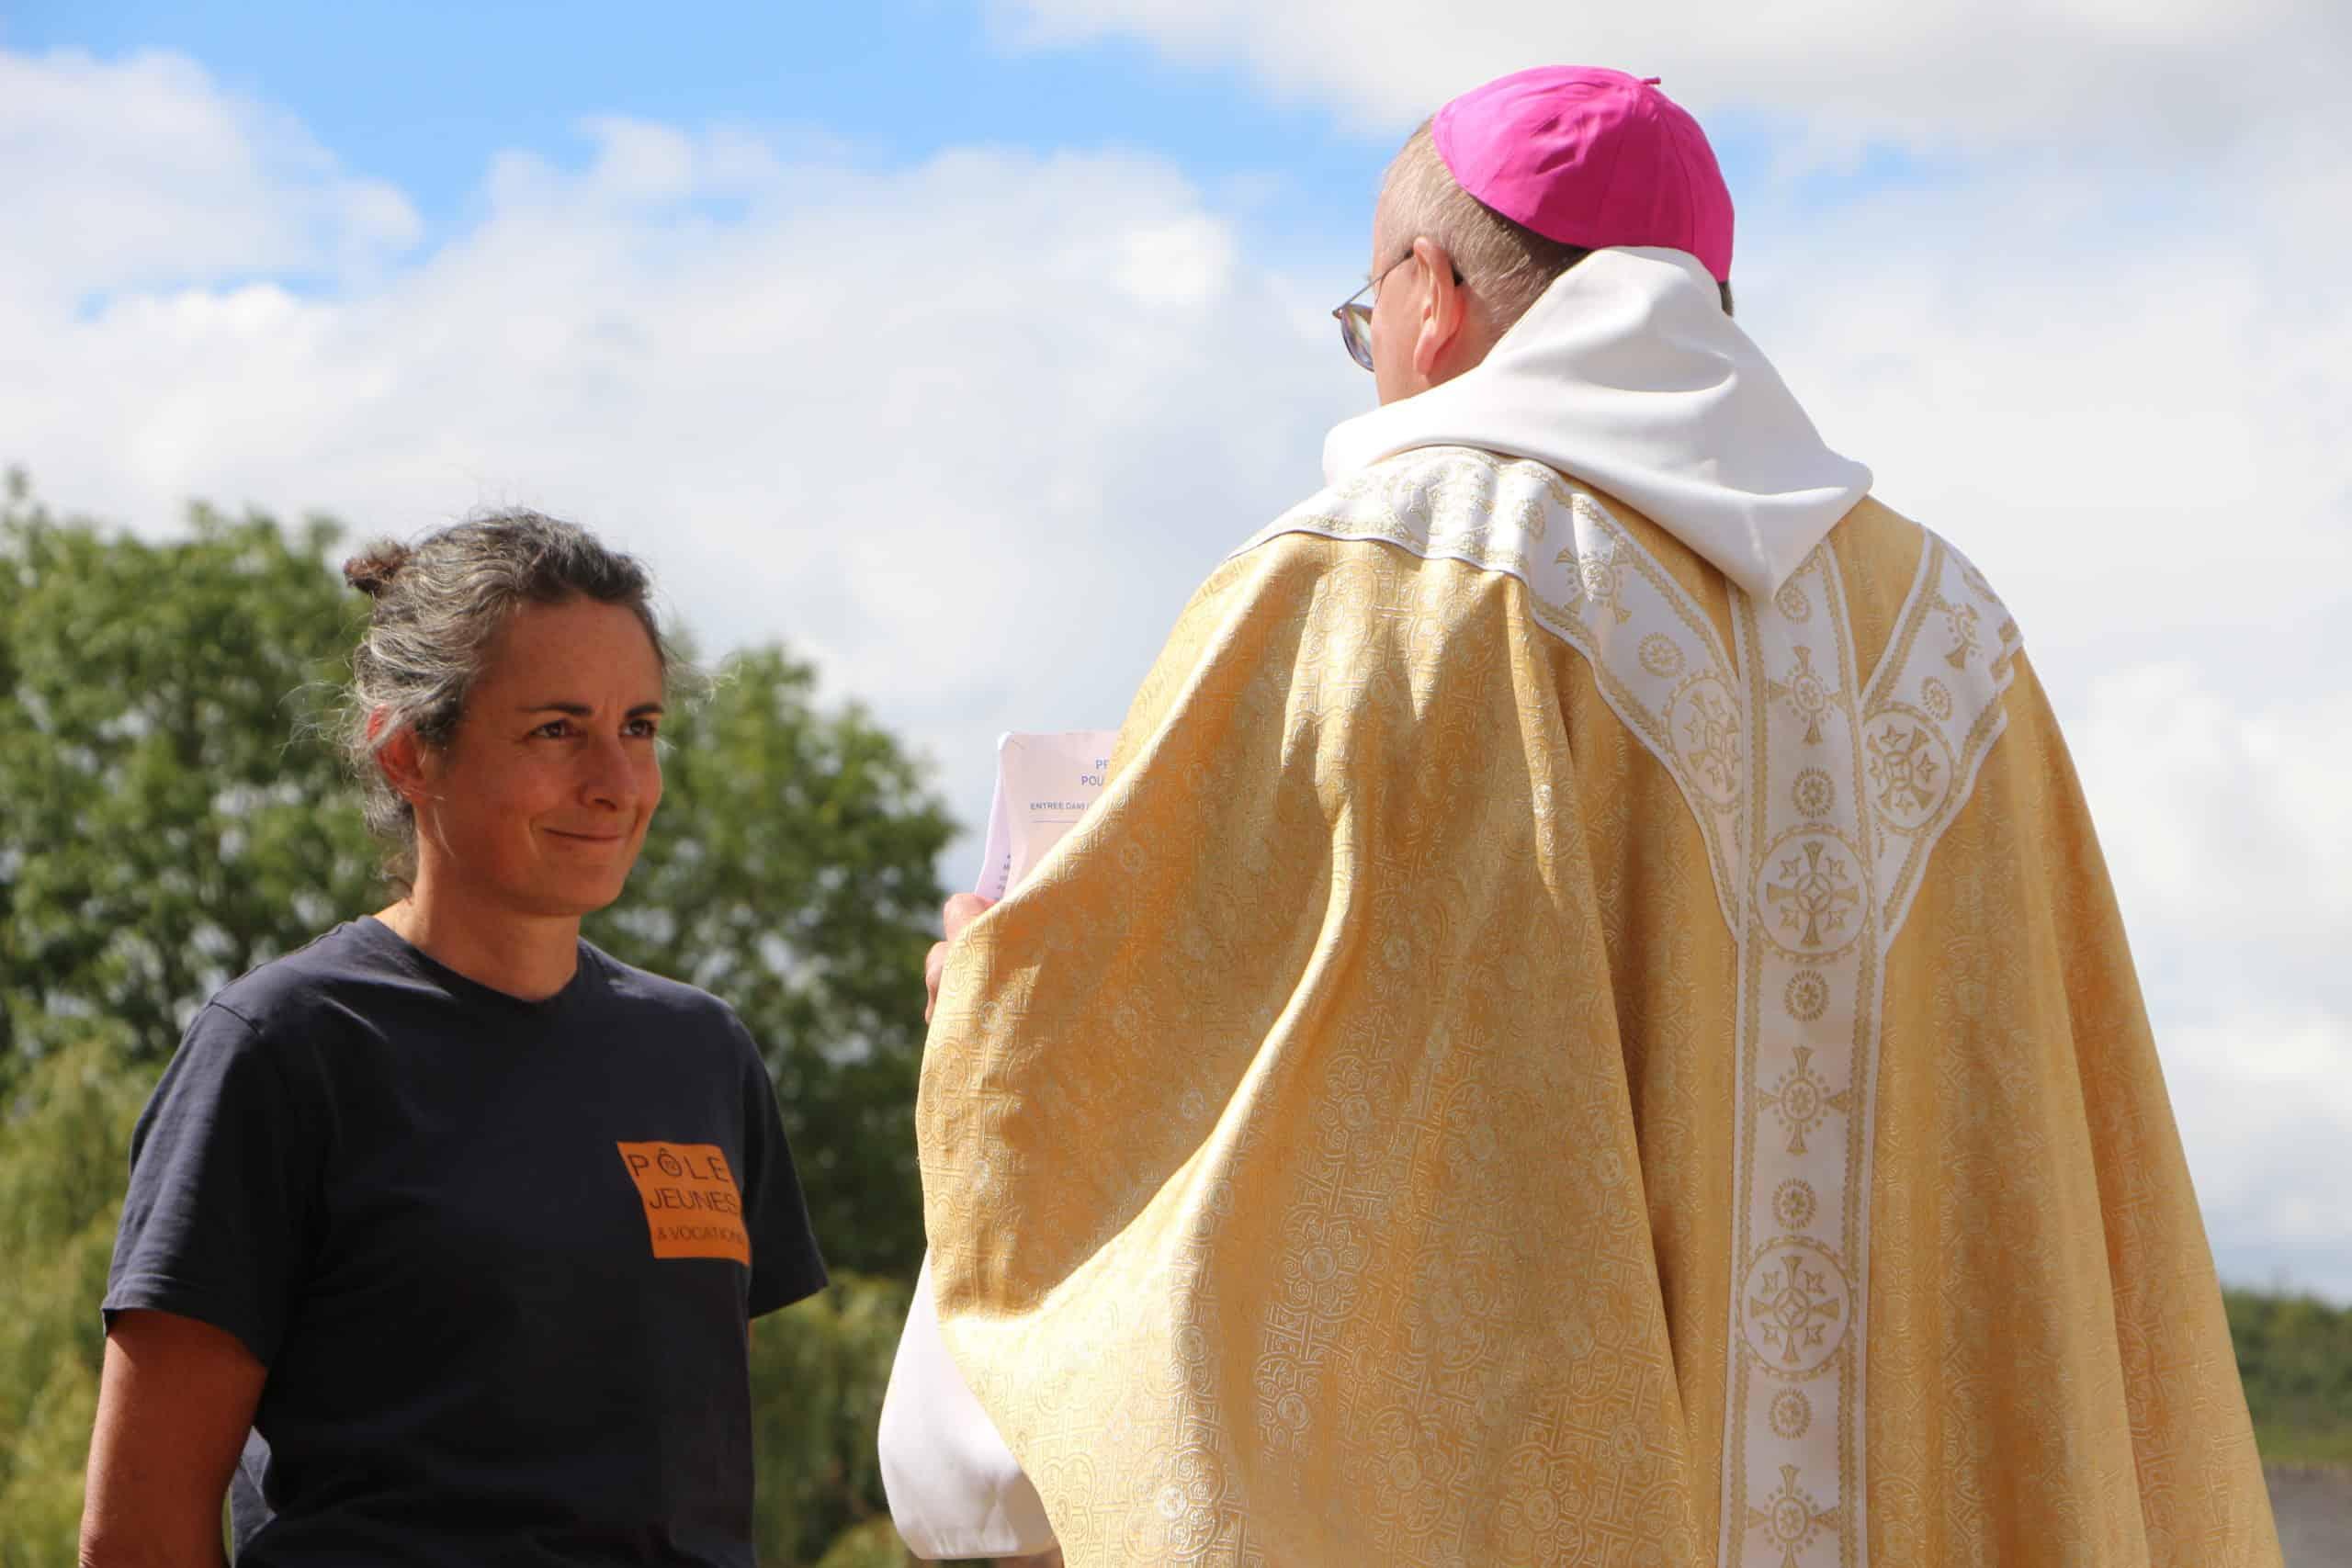 Marie discute avec l'évêque